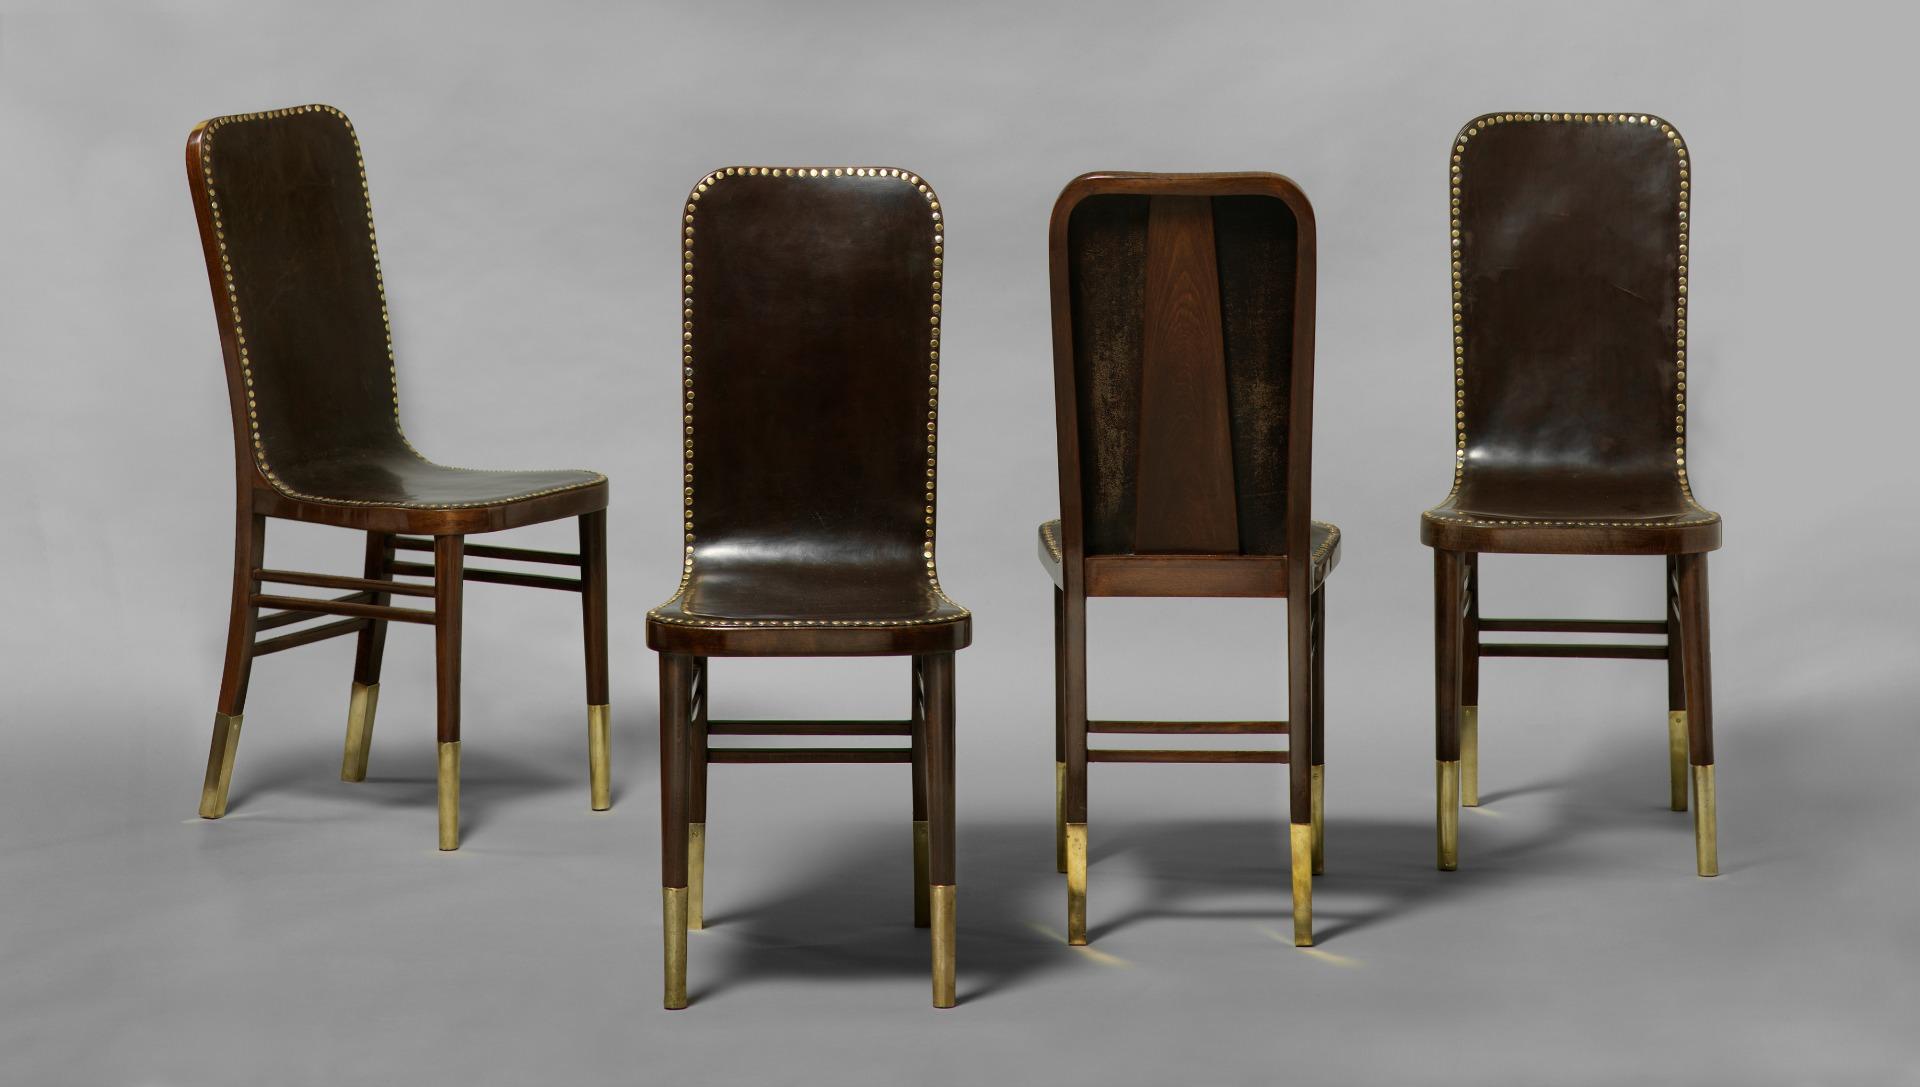 Josef urban e le sue sedie per il paul hofner restaurant for La sedia nel design